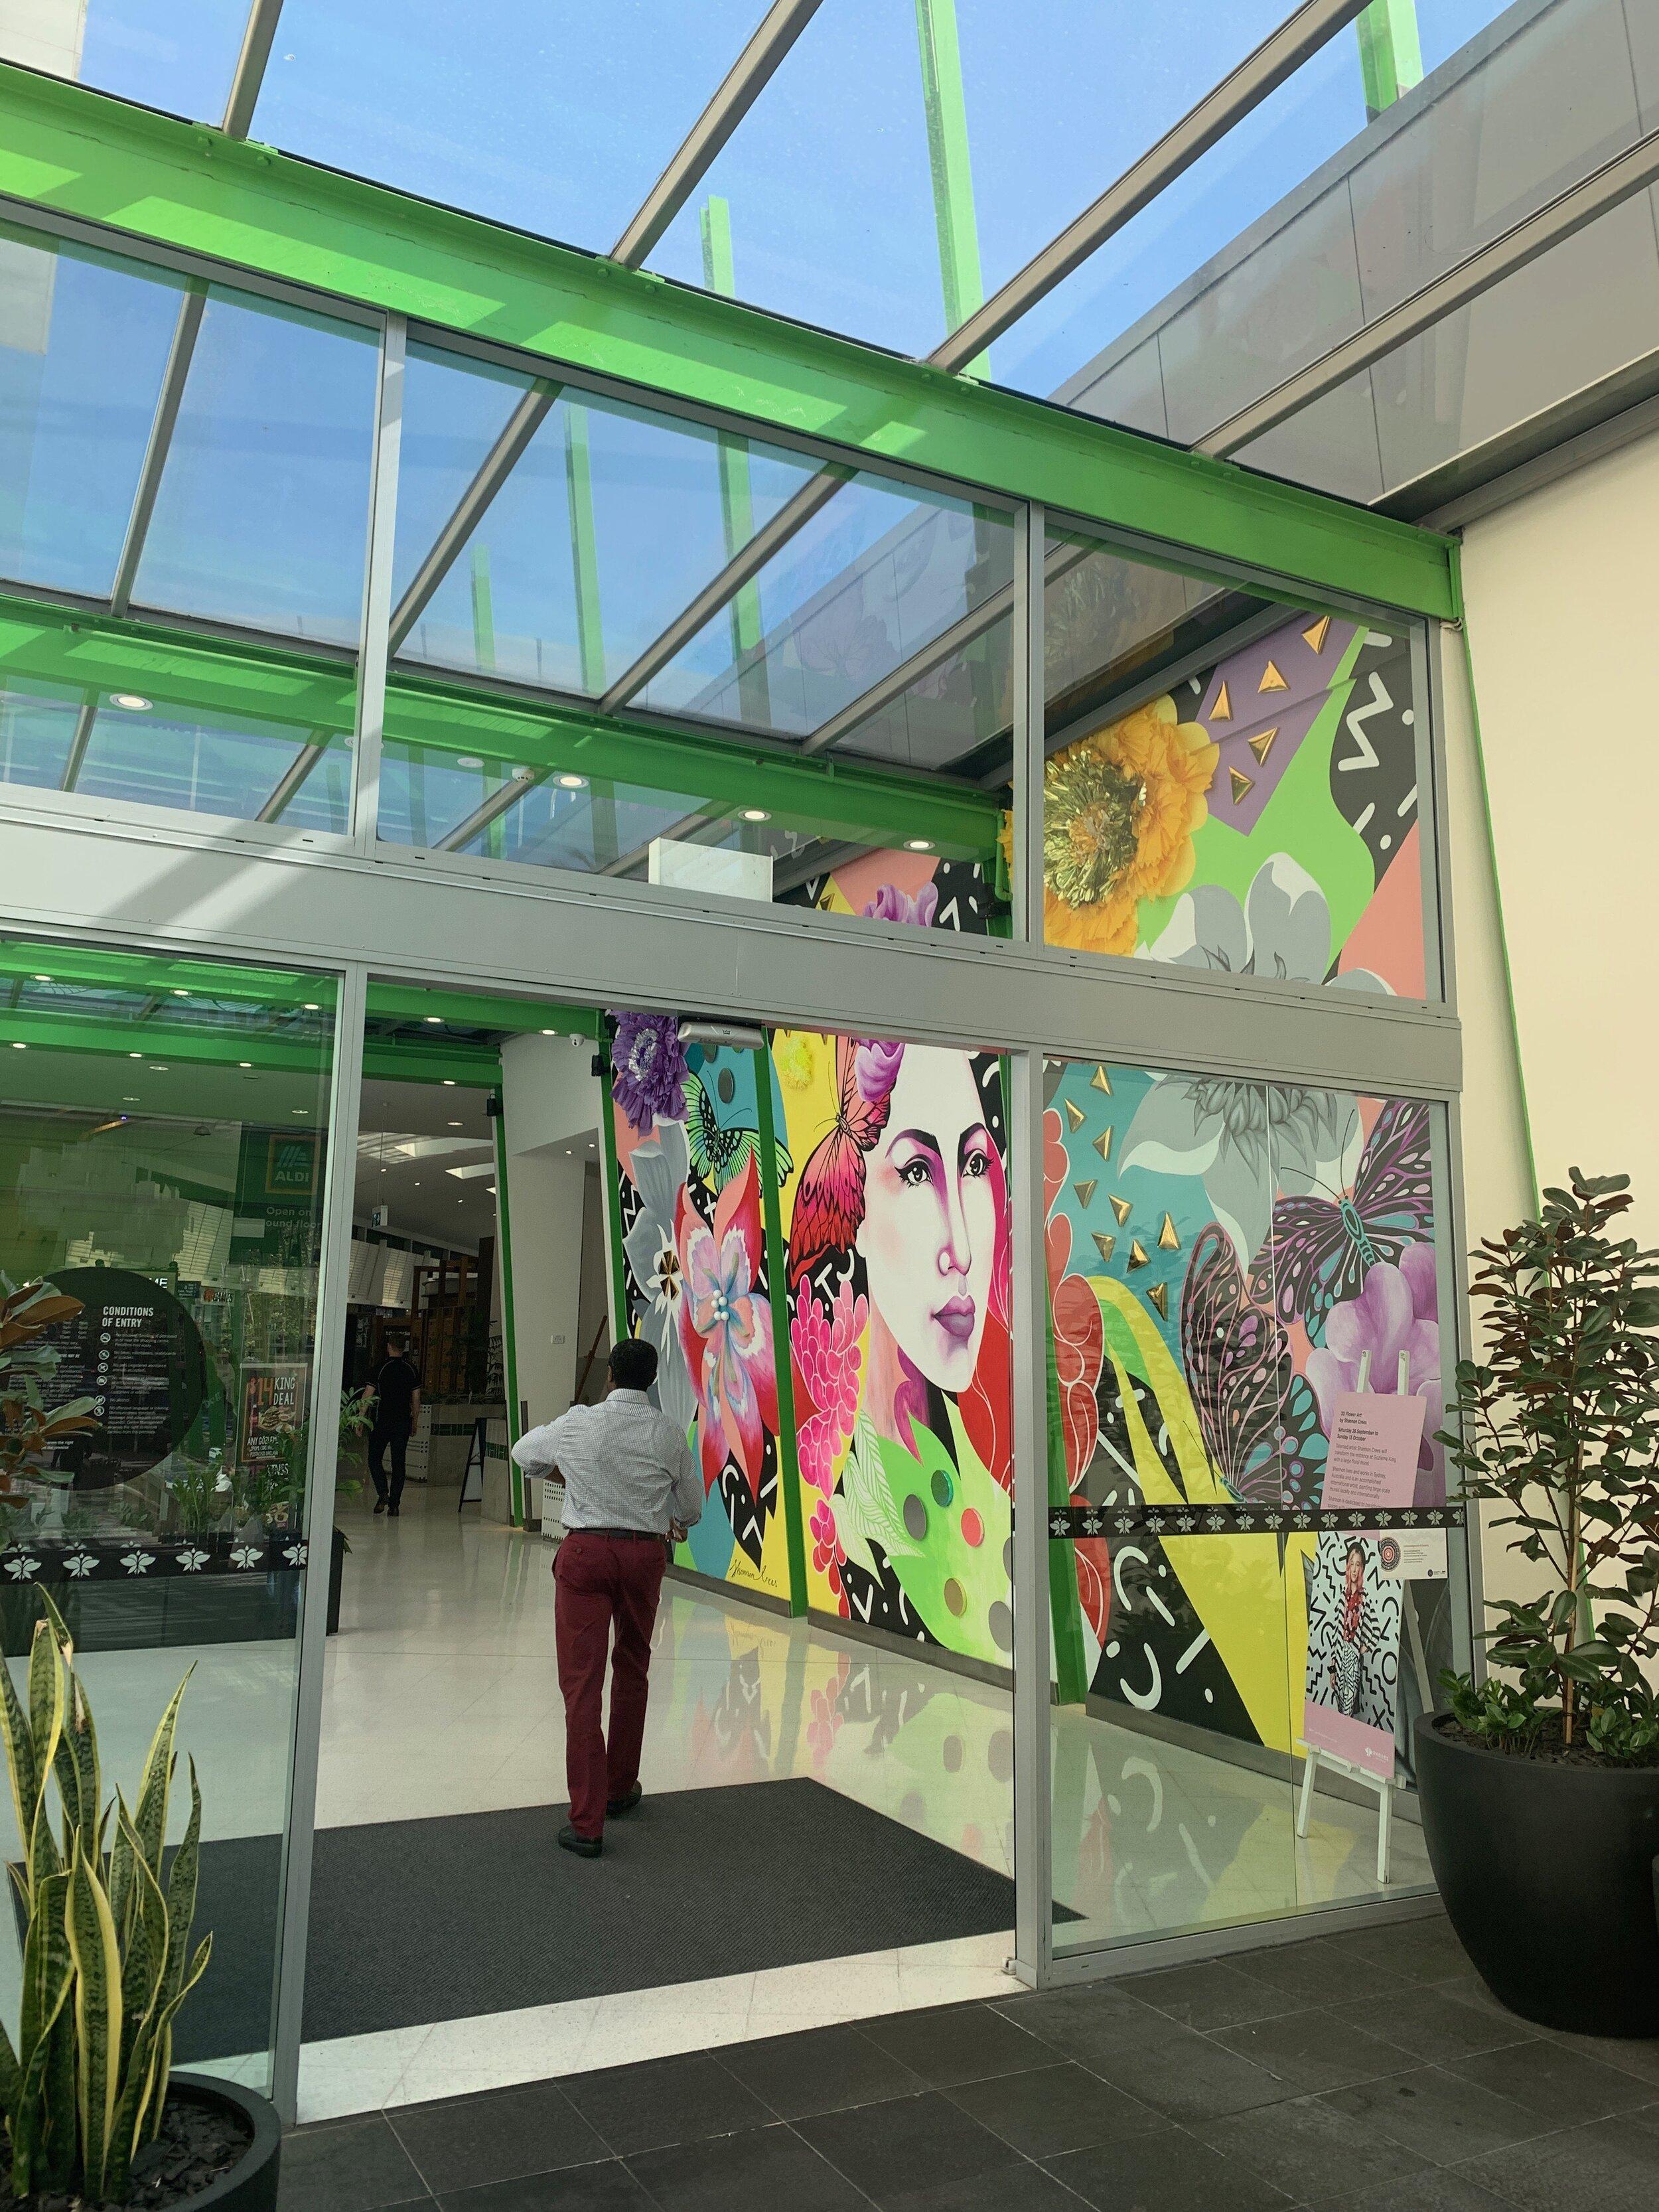 mural-artist-shannon-crees.JPG